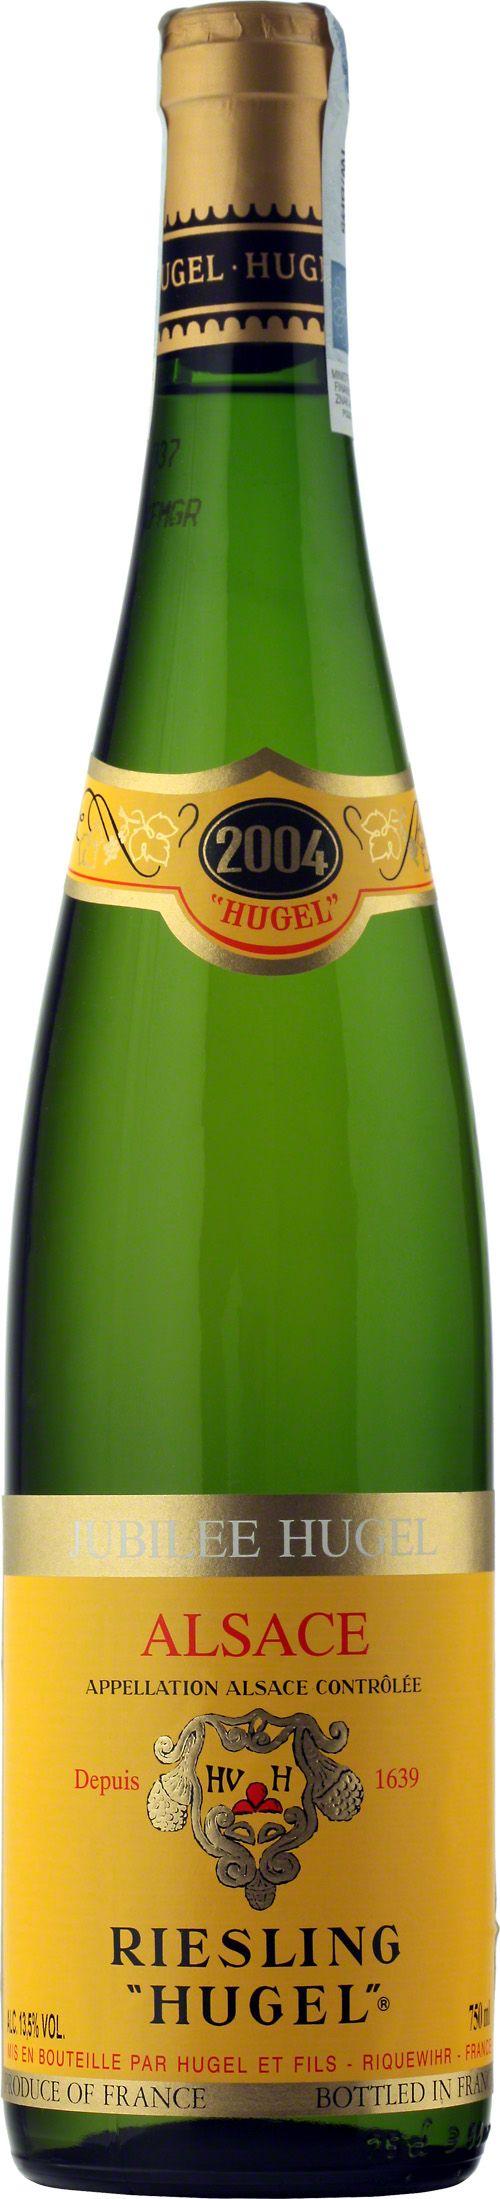 """Jubilee Hugel Riesling """"Hugel"""" Alsace A.O.C. Seria win Jubilee wytwarzana jest tylko w najlepszych latach, a owoce pochodzą z własnych winnic należących do rodziny Hugel, położonych na wzgórzach Schoenenbourg. Rieslinga Jubilee charakteryzuje owocowo-kwiatowy bukiet, w którym można wyróżnić zapachy lilii, kwiatów bzu, agrestu połączone z cytrusowo-mineralną nutą. Wino wytrawne, wielkiej klasy, eleganckie i długowieczne. #Wino #Winezja #Hugel #Riesling #Alzacja"""